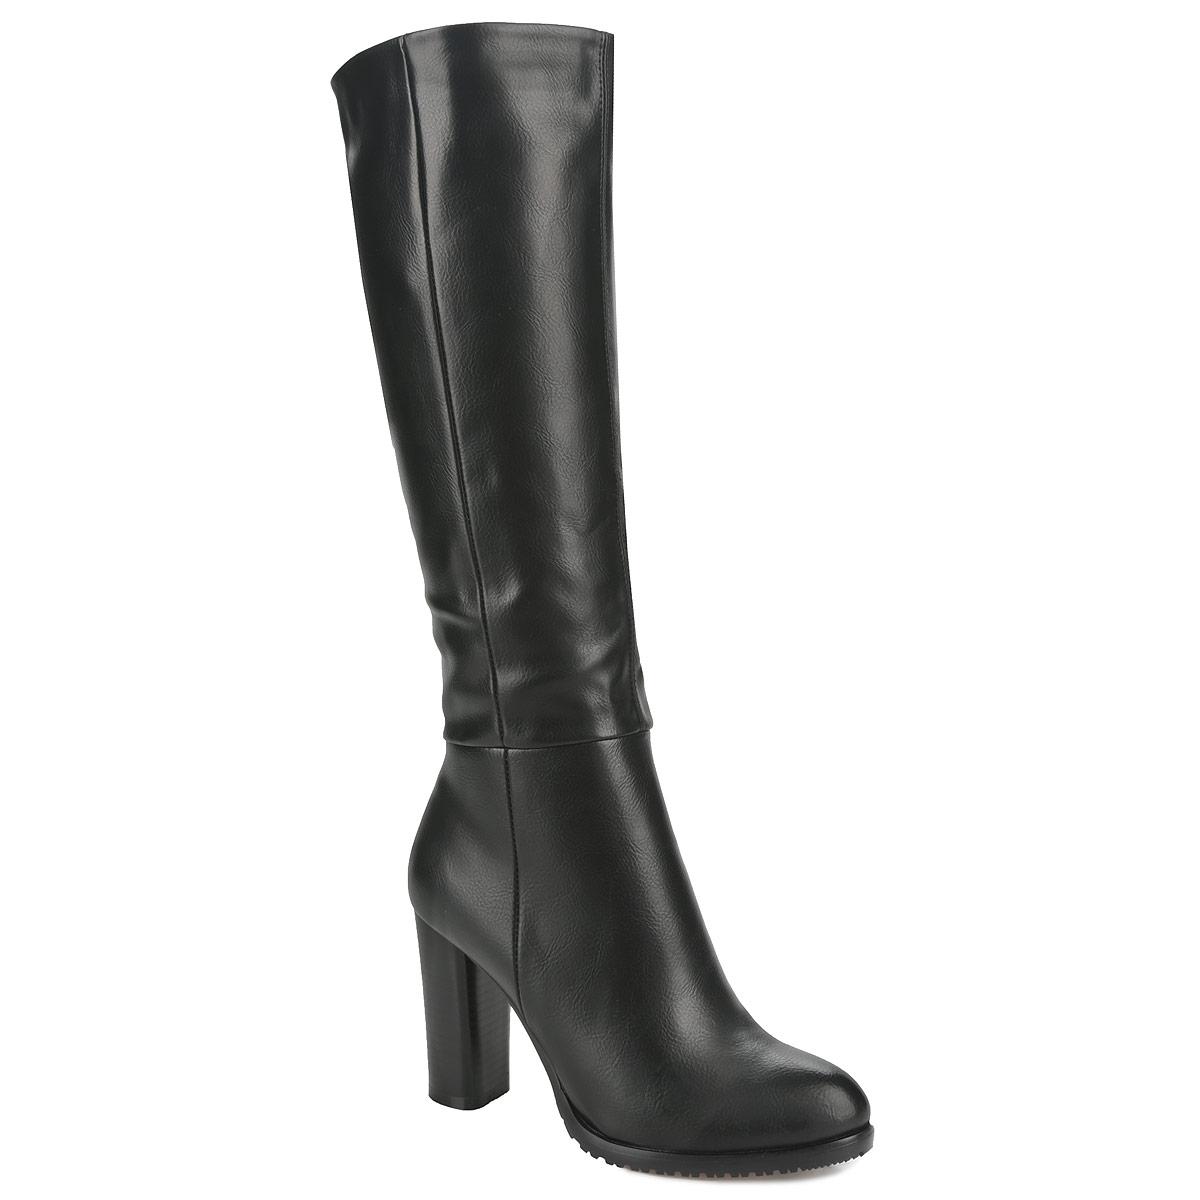 Сапоги женские. 60103-0160103-01-1BКлассические сапоги от Inario не оставят вас равнодушной! Модель выполнена из мягкой искусственной кожи и исполнена в лаконичном стиле. Сапоги застегиваются на боковую застежку-молнию. Вшитая резинка, расположенная на голенище, отвечает за оптимальную посадку обуви на ноге. Мягкая подкладка и стелька из байки сохраняют тепло, обеспечивая максимальный комфорт при движение. Толстый каблук устойчив. Подошва с рифлением защищает изделие от скольжения. Модные сапоги - основа гардероба каждой женщины.